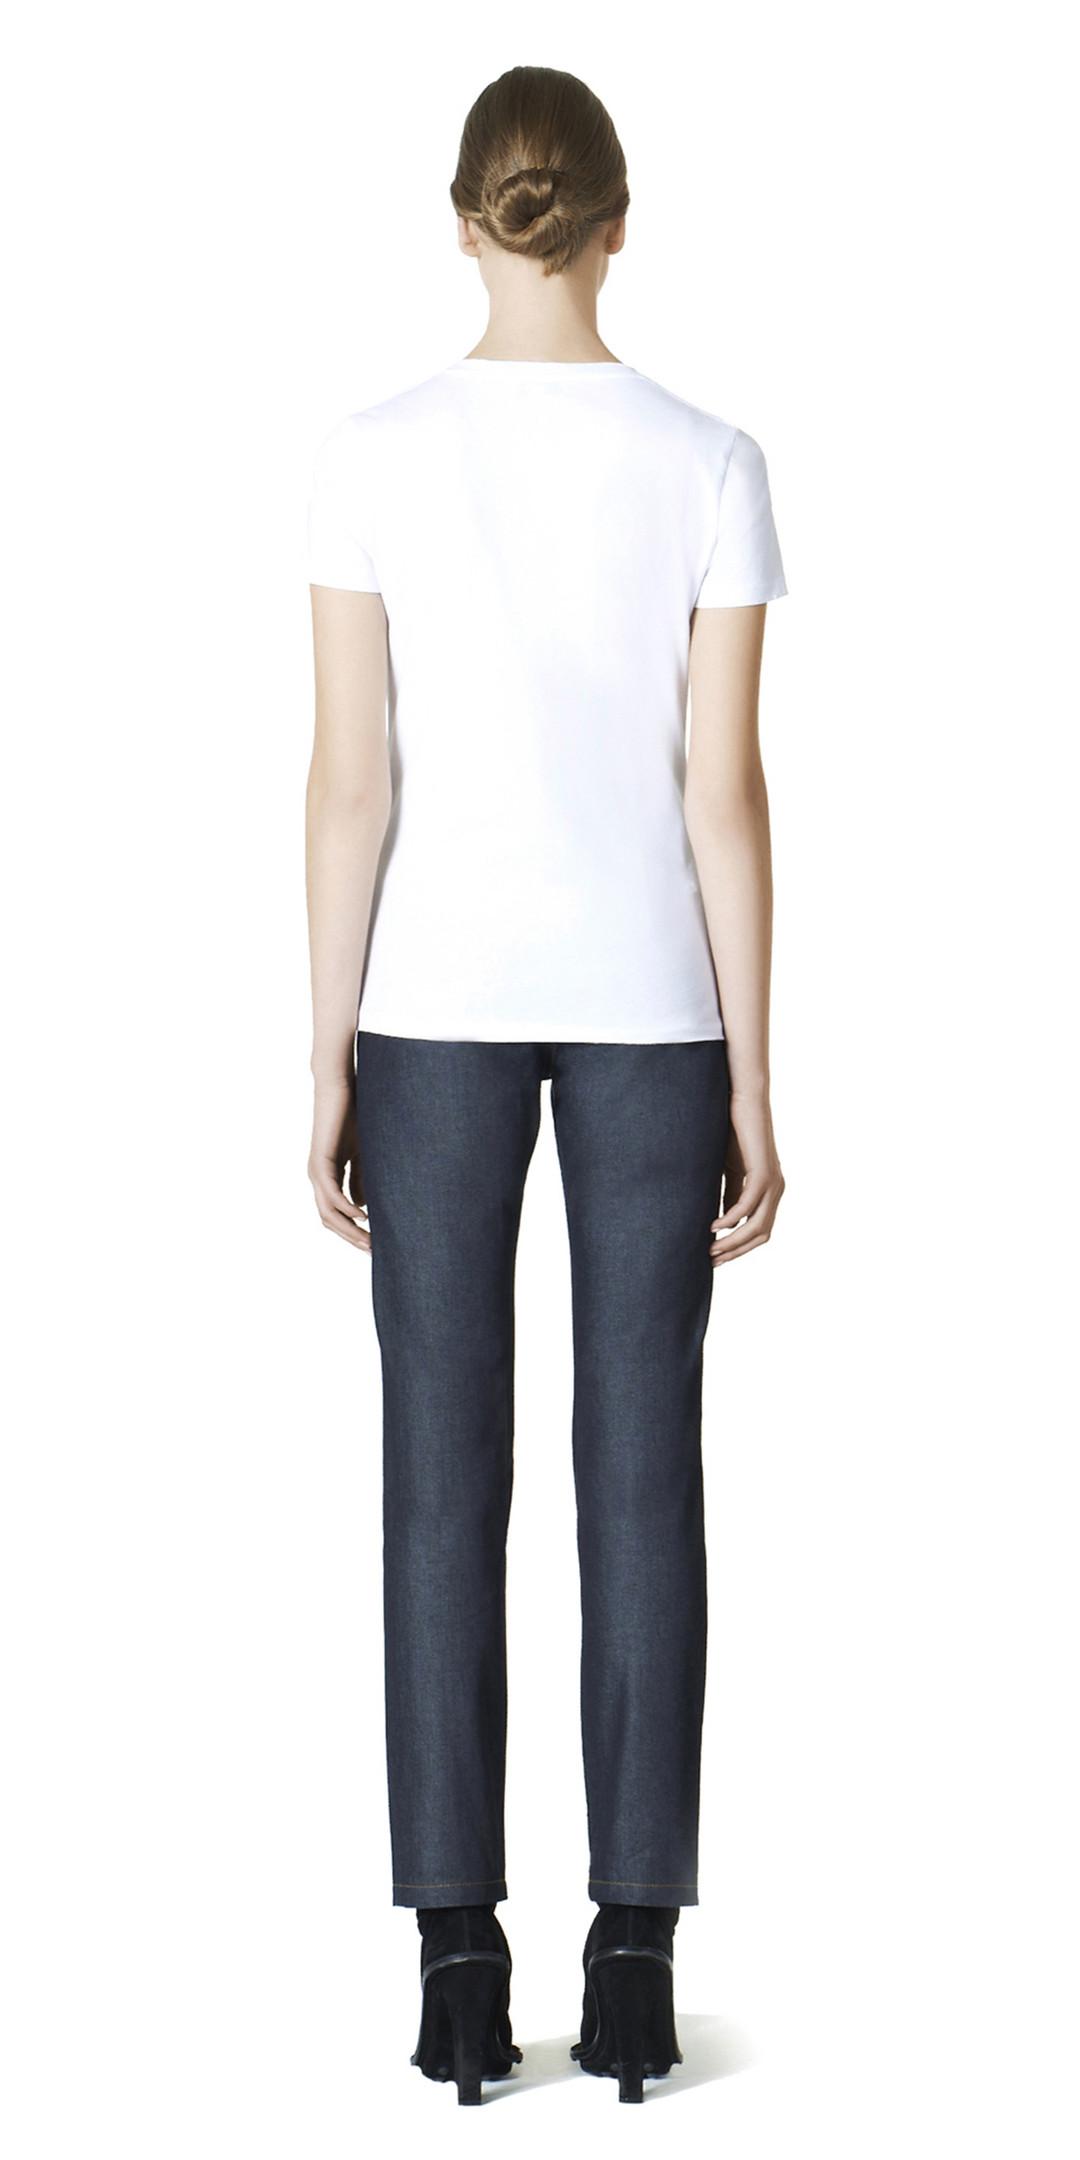 BALENCIAGA Top D Balenciaga Scribble Check Tee-Shirt i